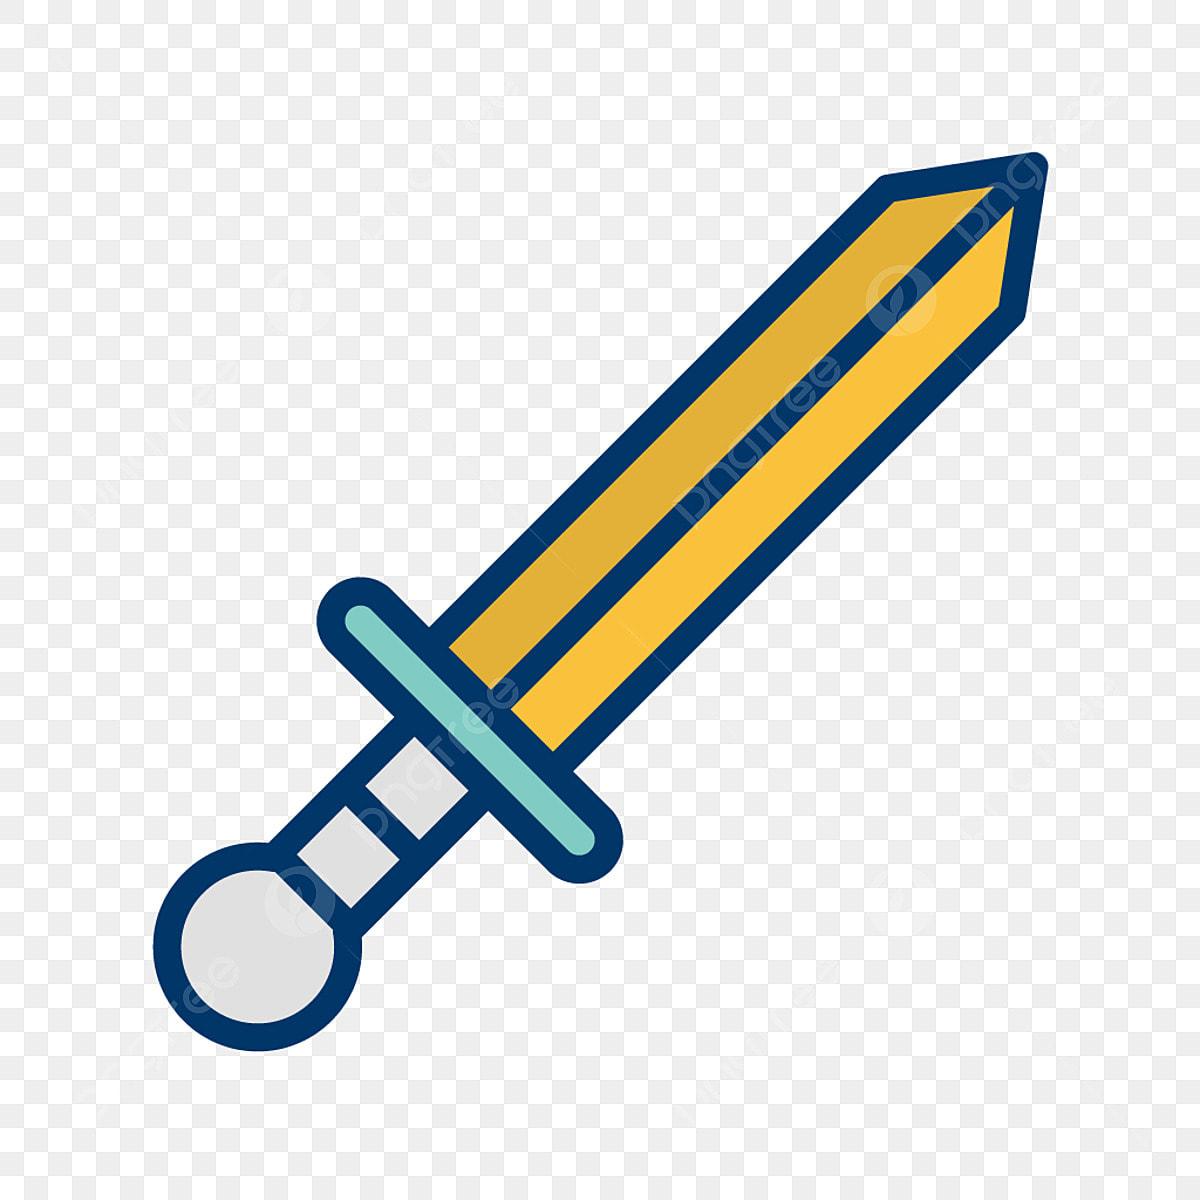 senjata gambar png file vektor dan psd unduh gratis di pngtree https id pngtree com freepng vector weapons icon 4017338 html